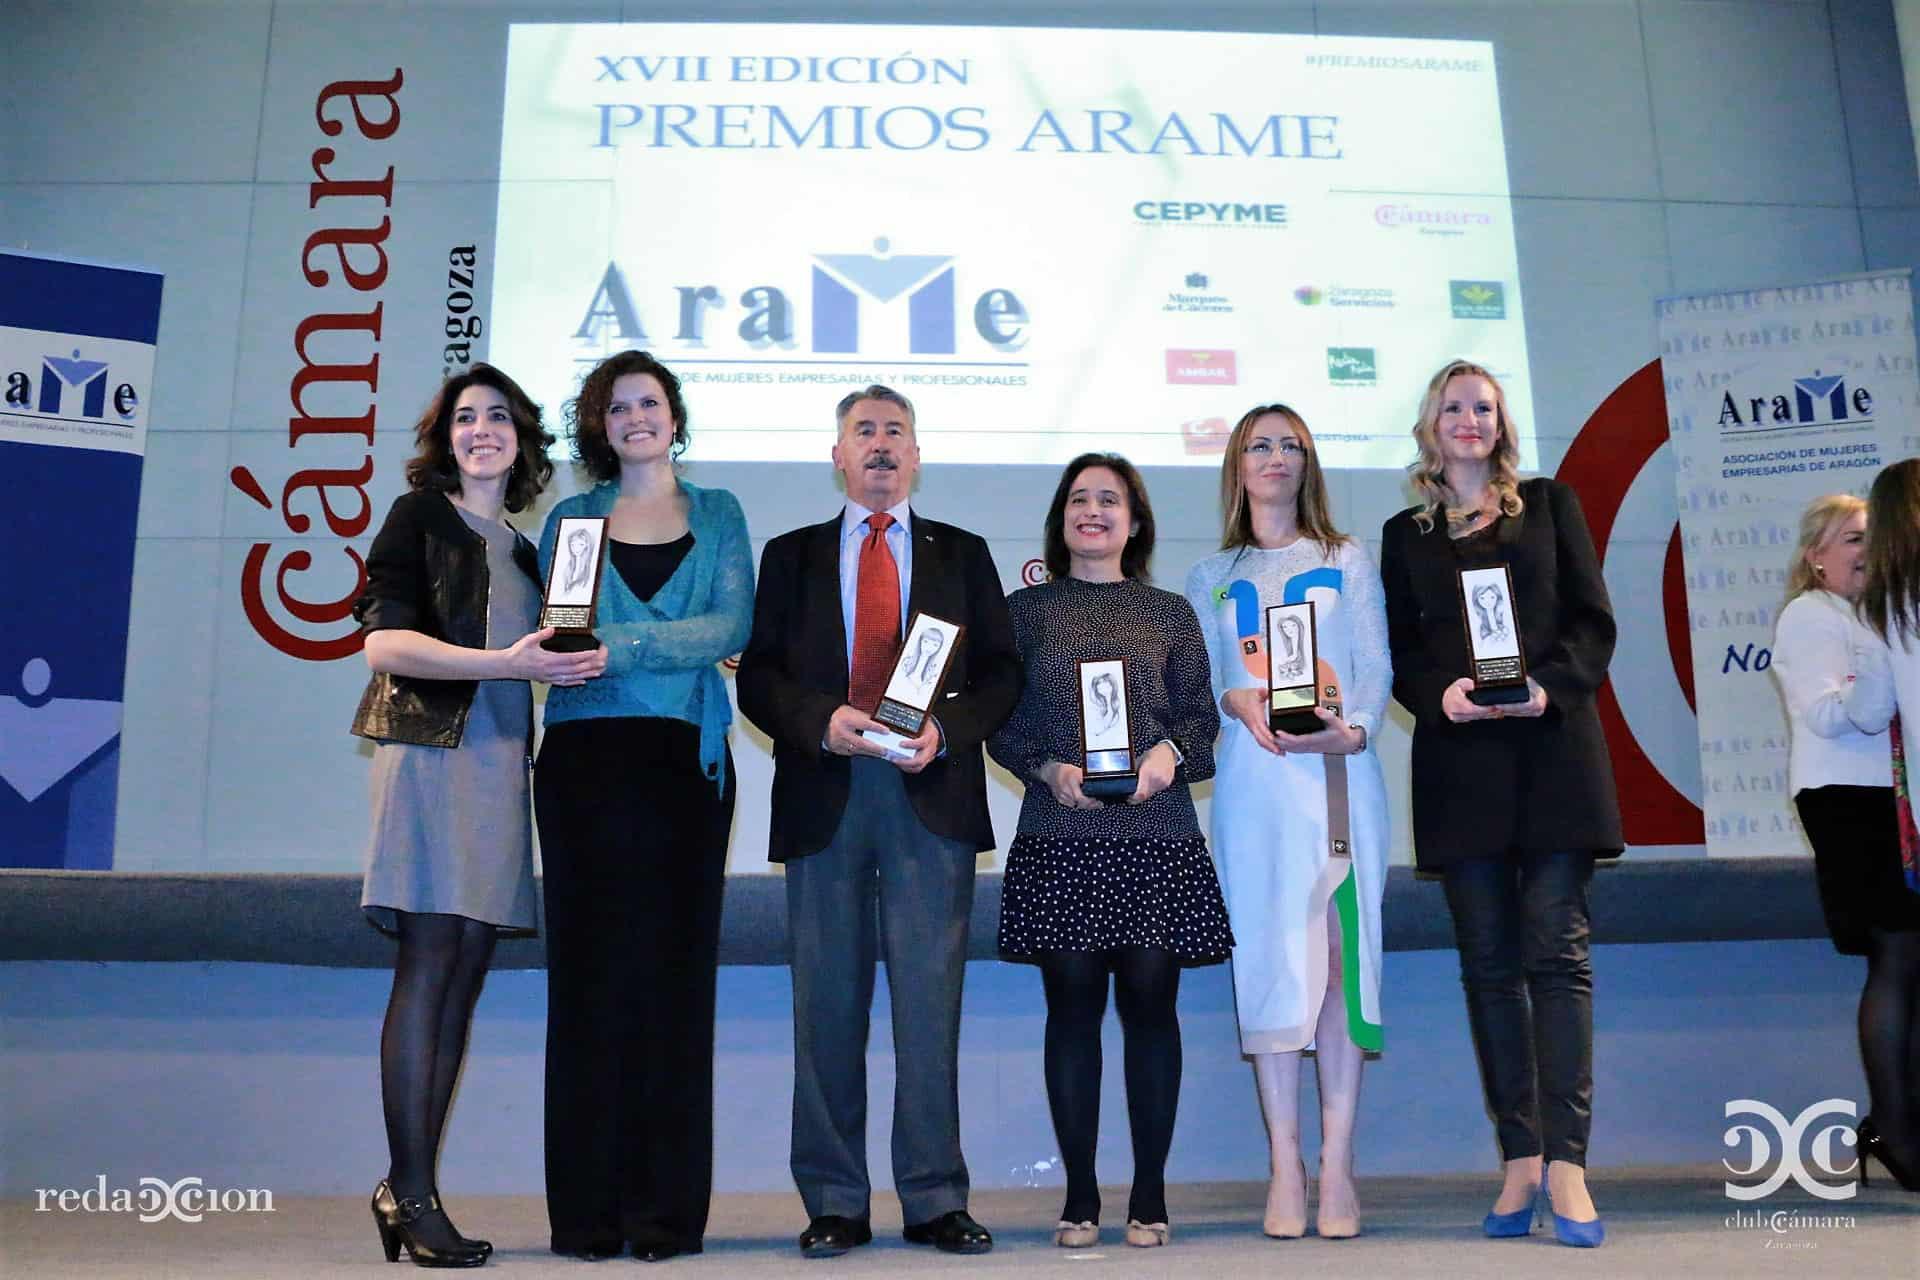 Patricia Salas y Marta Mercadal Premio ARAME 2016 a la Creatividad e Innovación